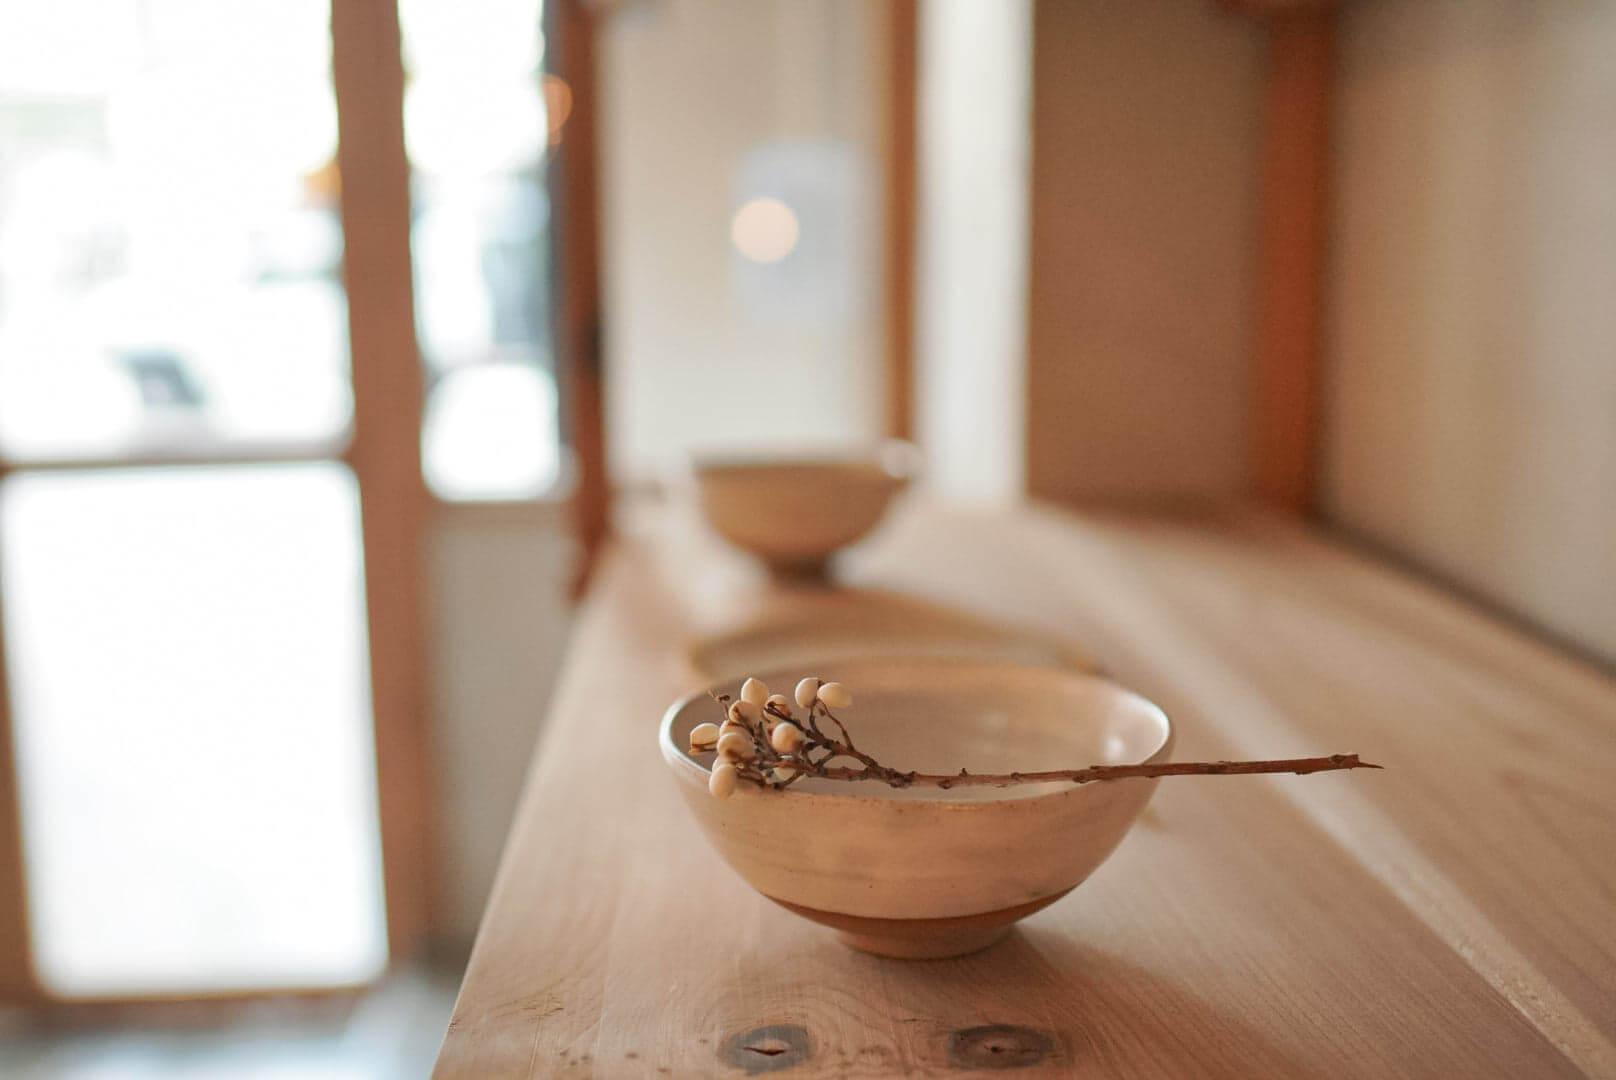 傳統日本料理陶瓷器皿,手感大都粗糙,卻帶樸實且溫暖嘅感覺。